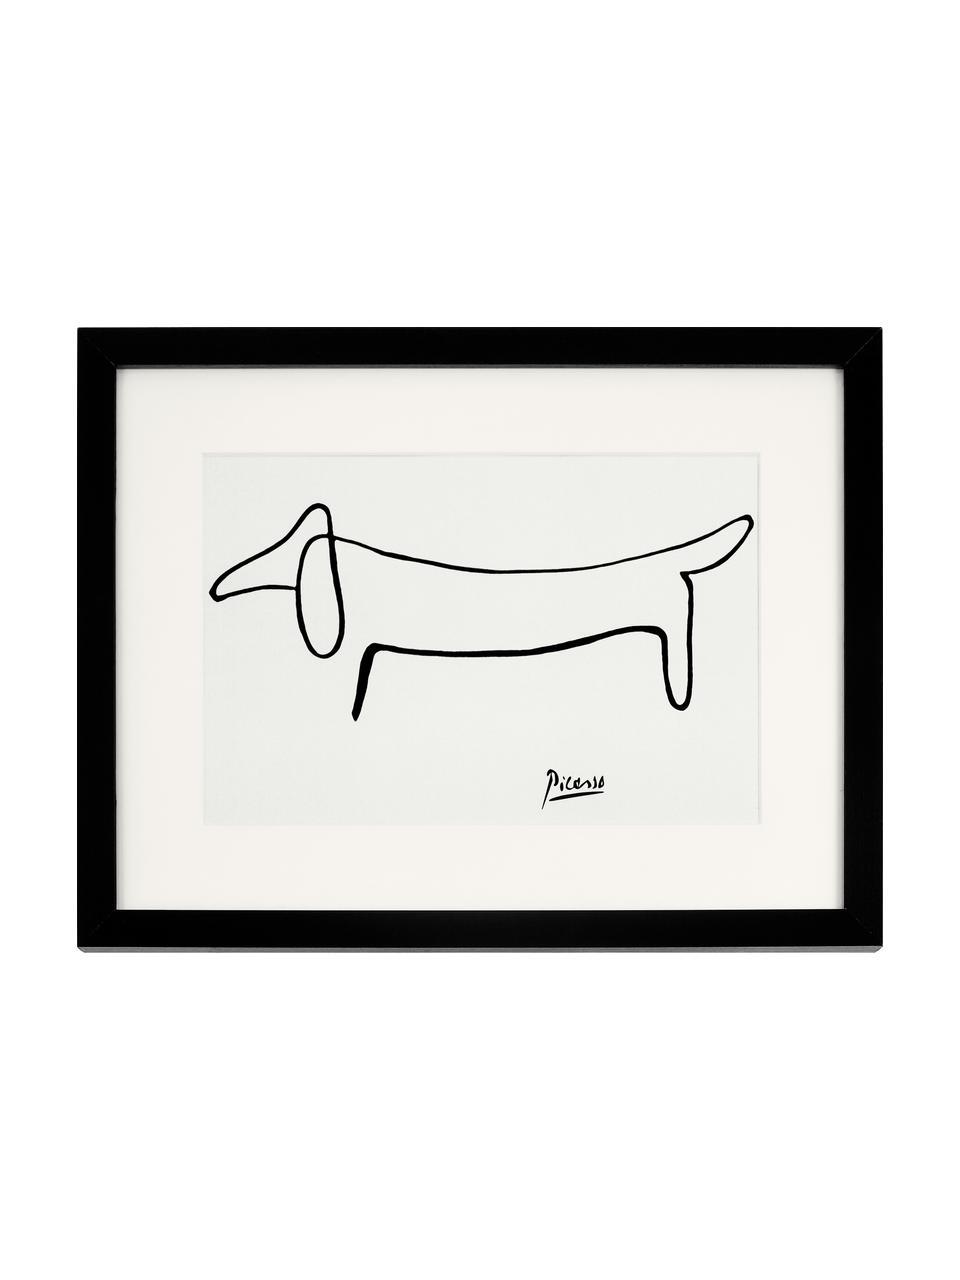 Gerahmter Digitaldruck Picasso's Dackel, Bild: Digitaldruck auf Papier, , Rahmen: Holz, lackiert, Front: Plexiglas, Weiß,Schwarz, 43 x 33 cm